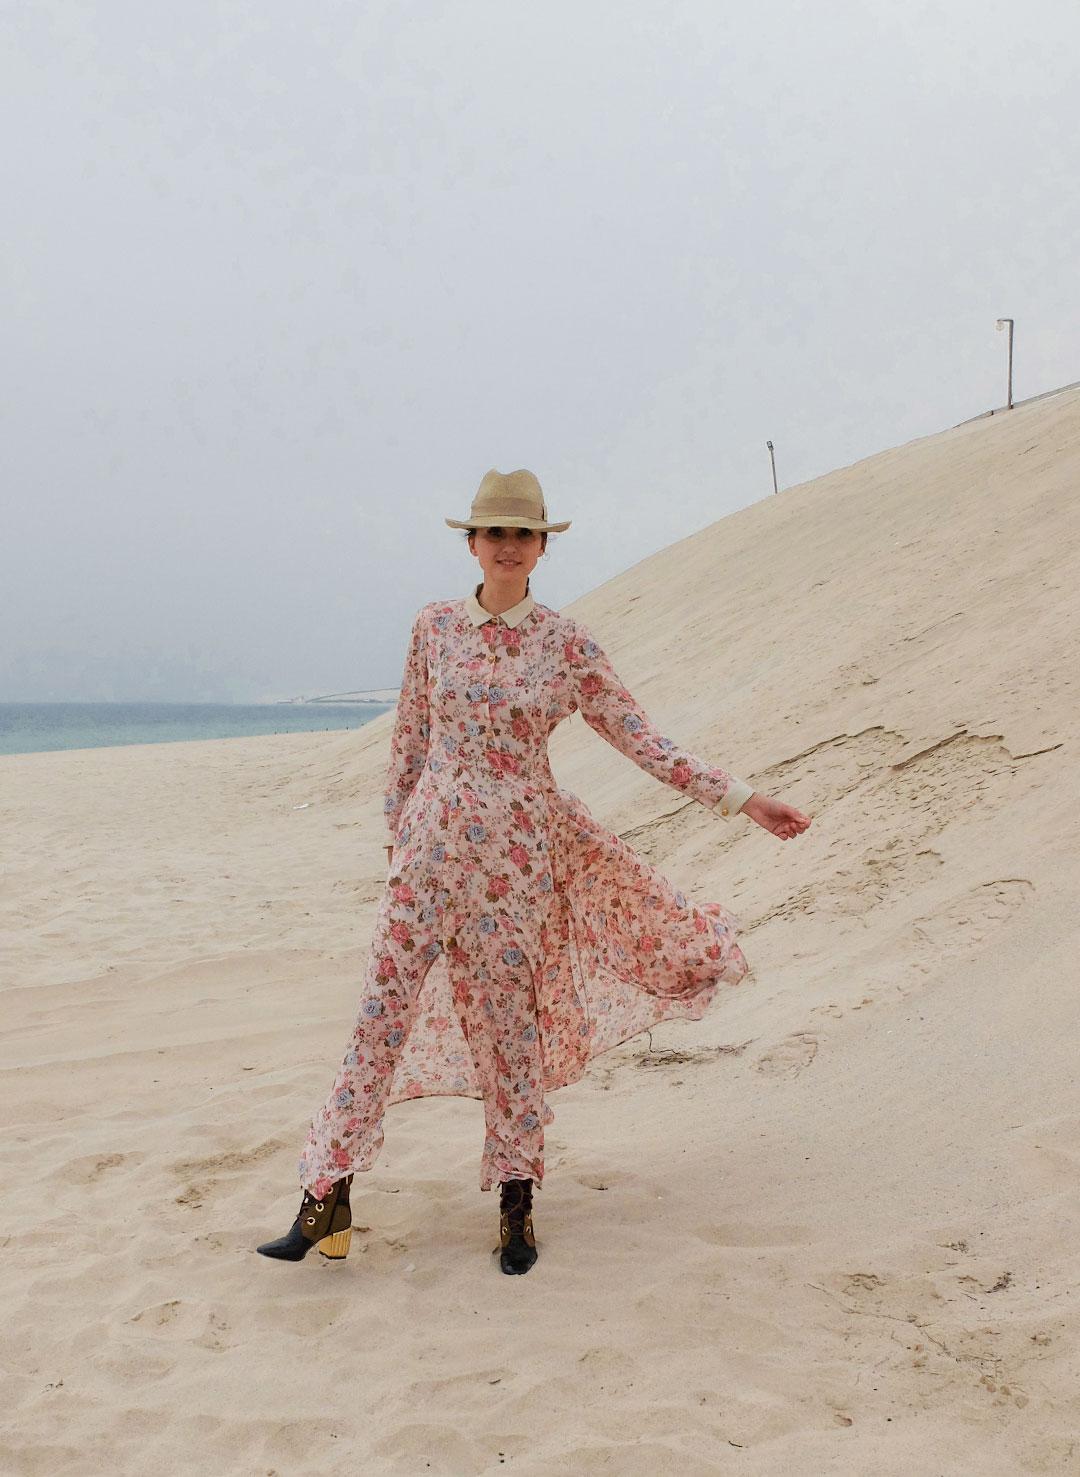 la-reina-del-desierto-mitmeblog-03